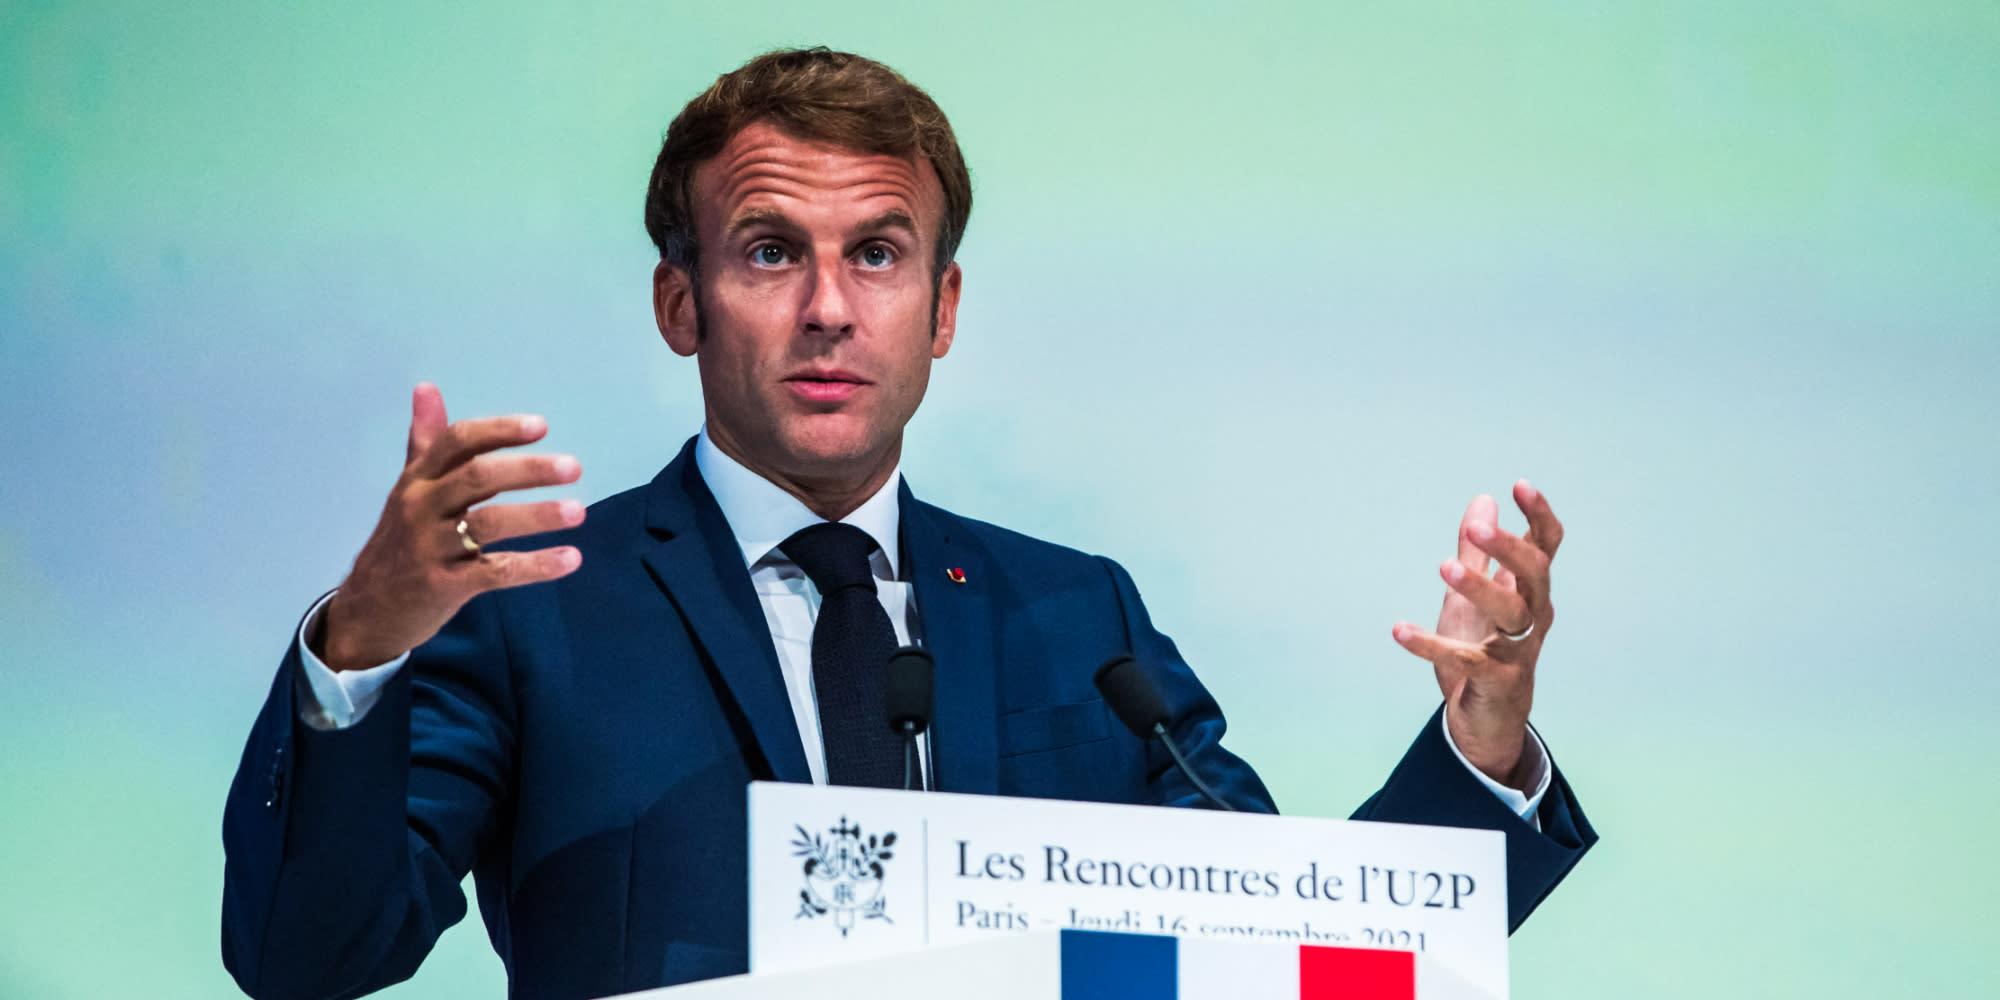 Patrimoine, assurance-chômage… Le plan d'Emmanuel Macron pour les indépendants